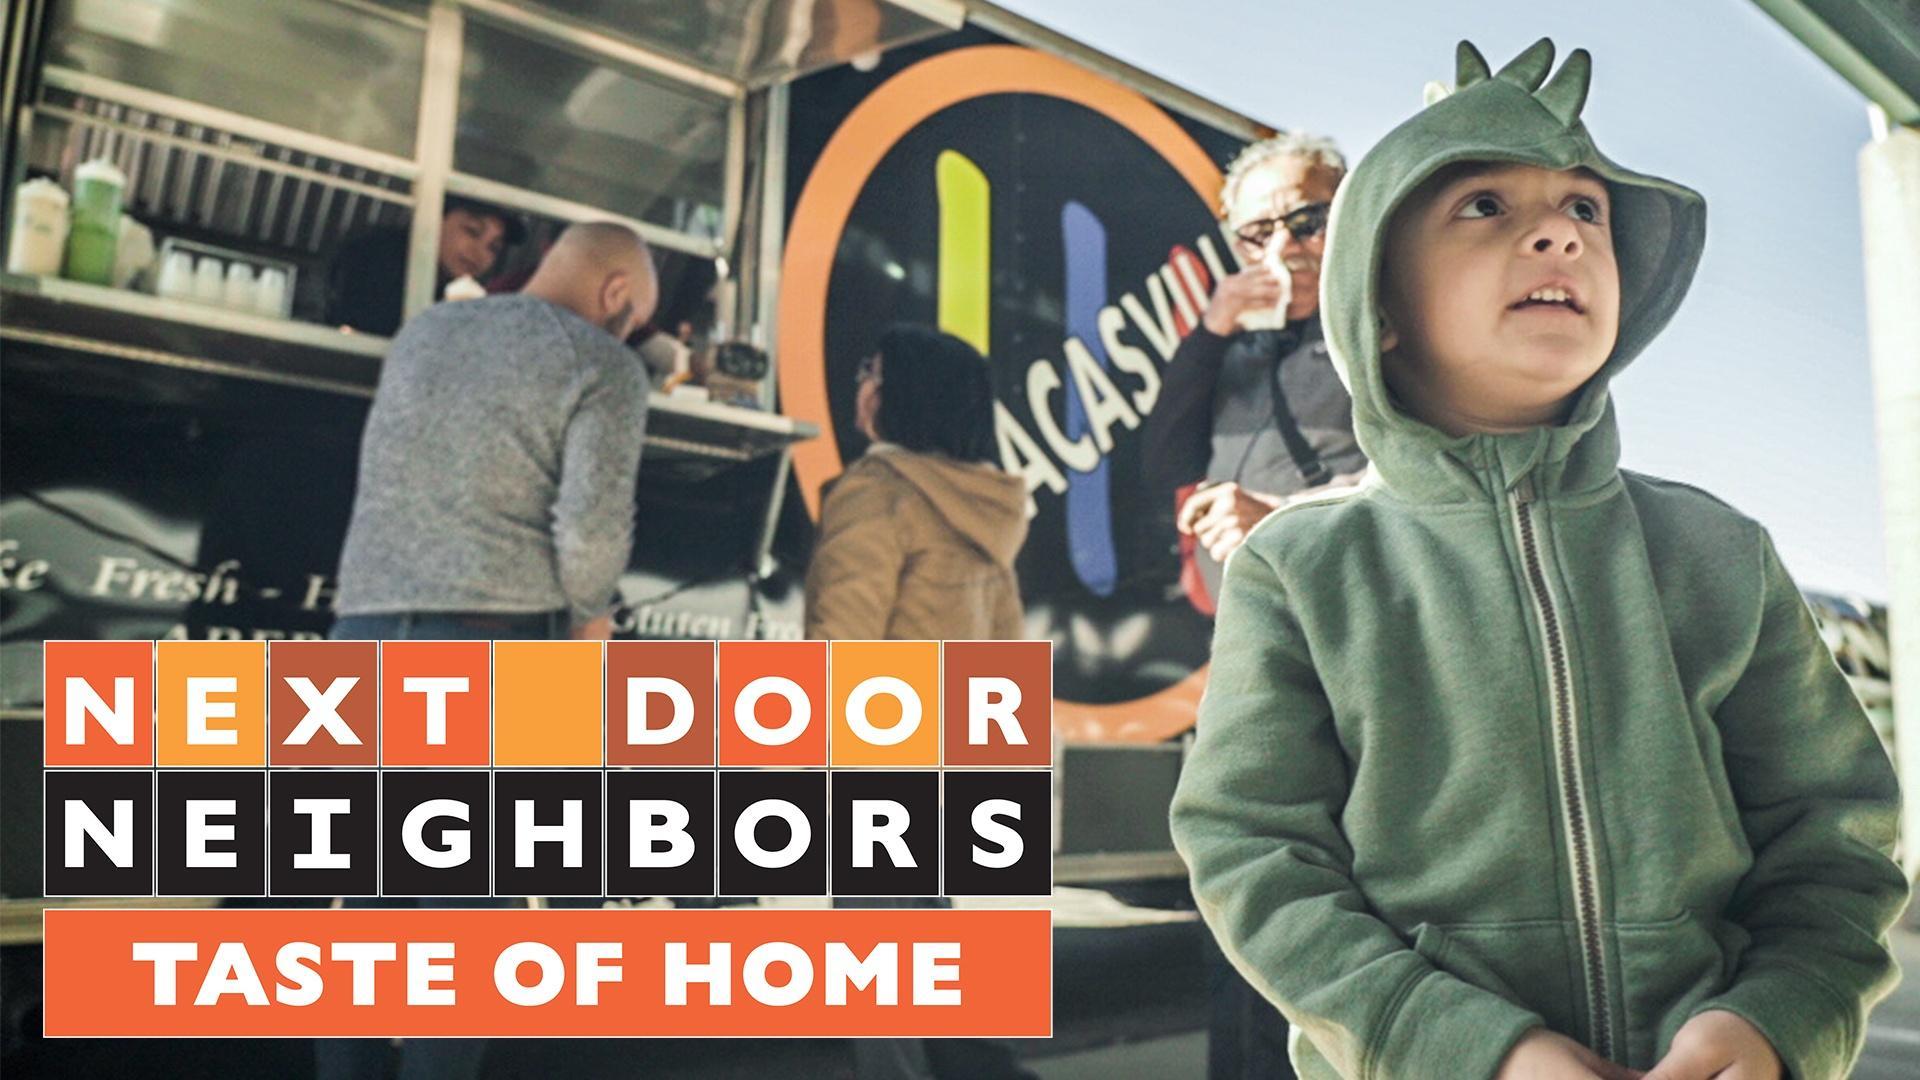 Taste of Home Trailer | Next Door Neighbors | NPT